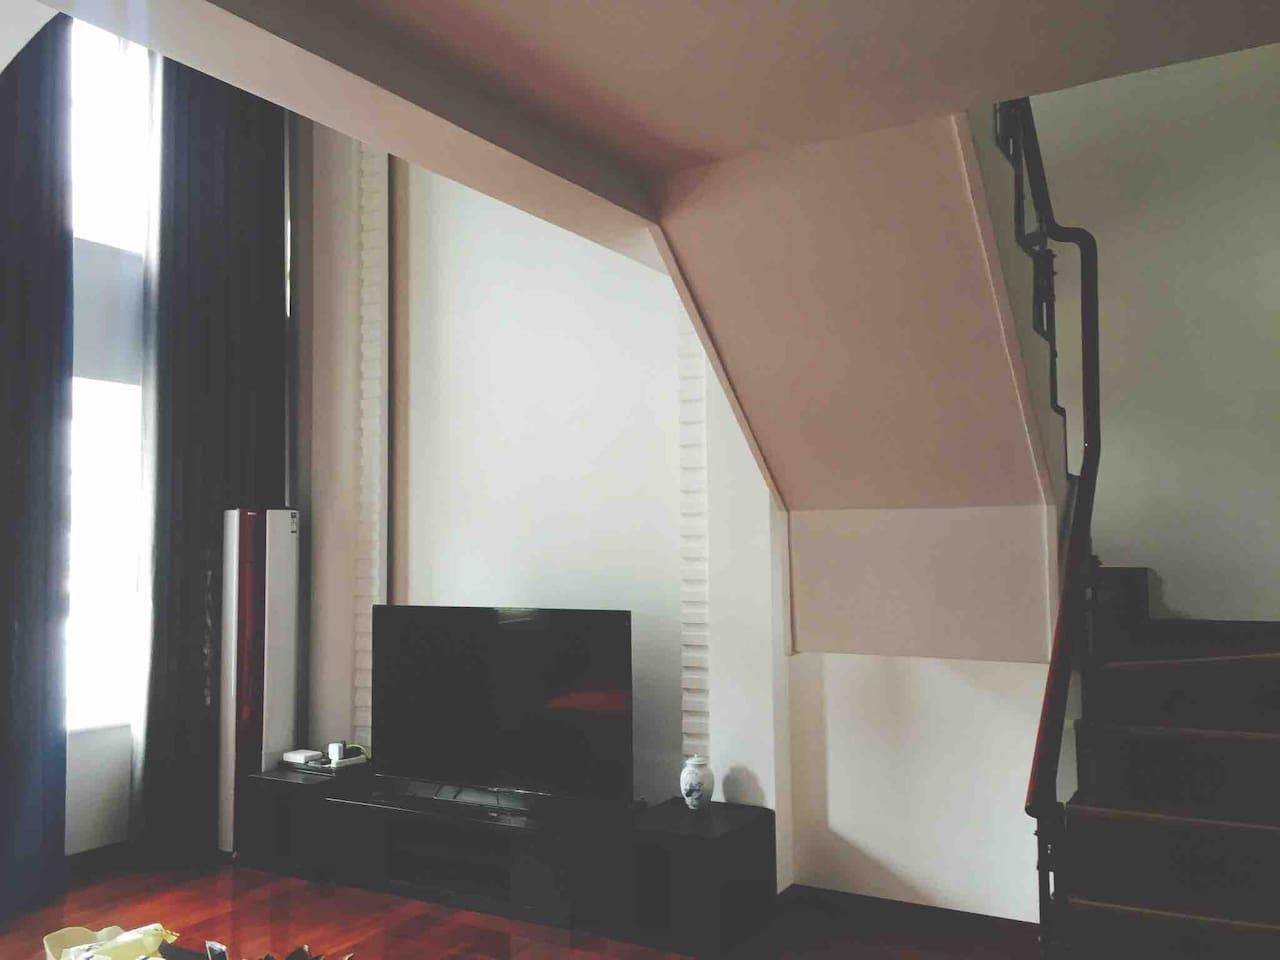 上下两层一楼客厅有sony大屏液晶电视 空调 wif